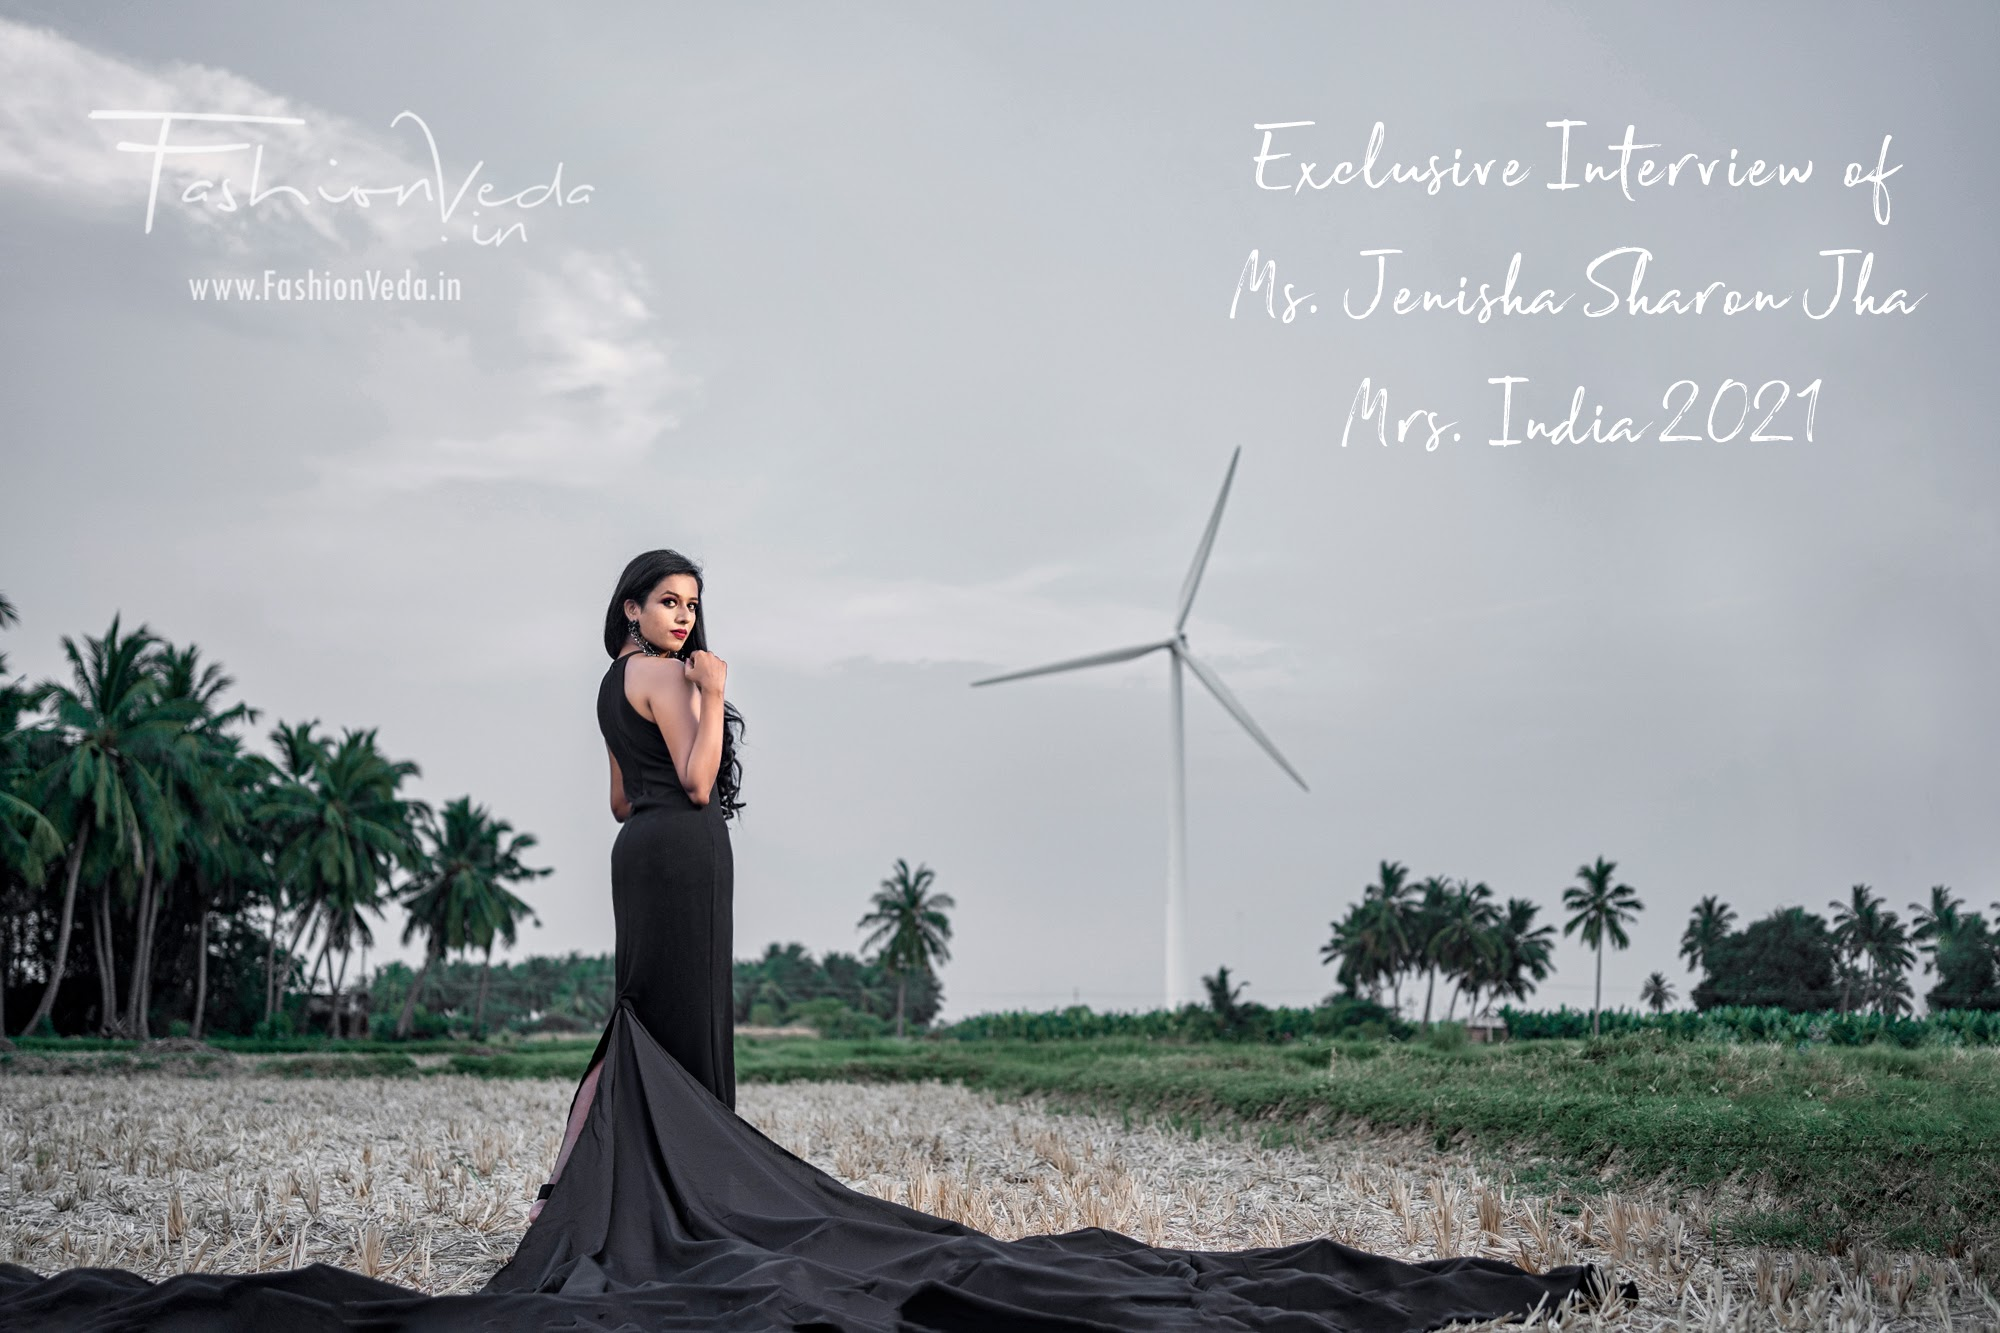 Exclusive Interview of  Ms. Jenisha Sharon Jha - Mrs. India 2021